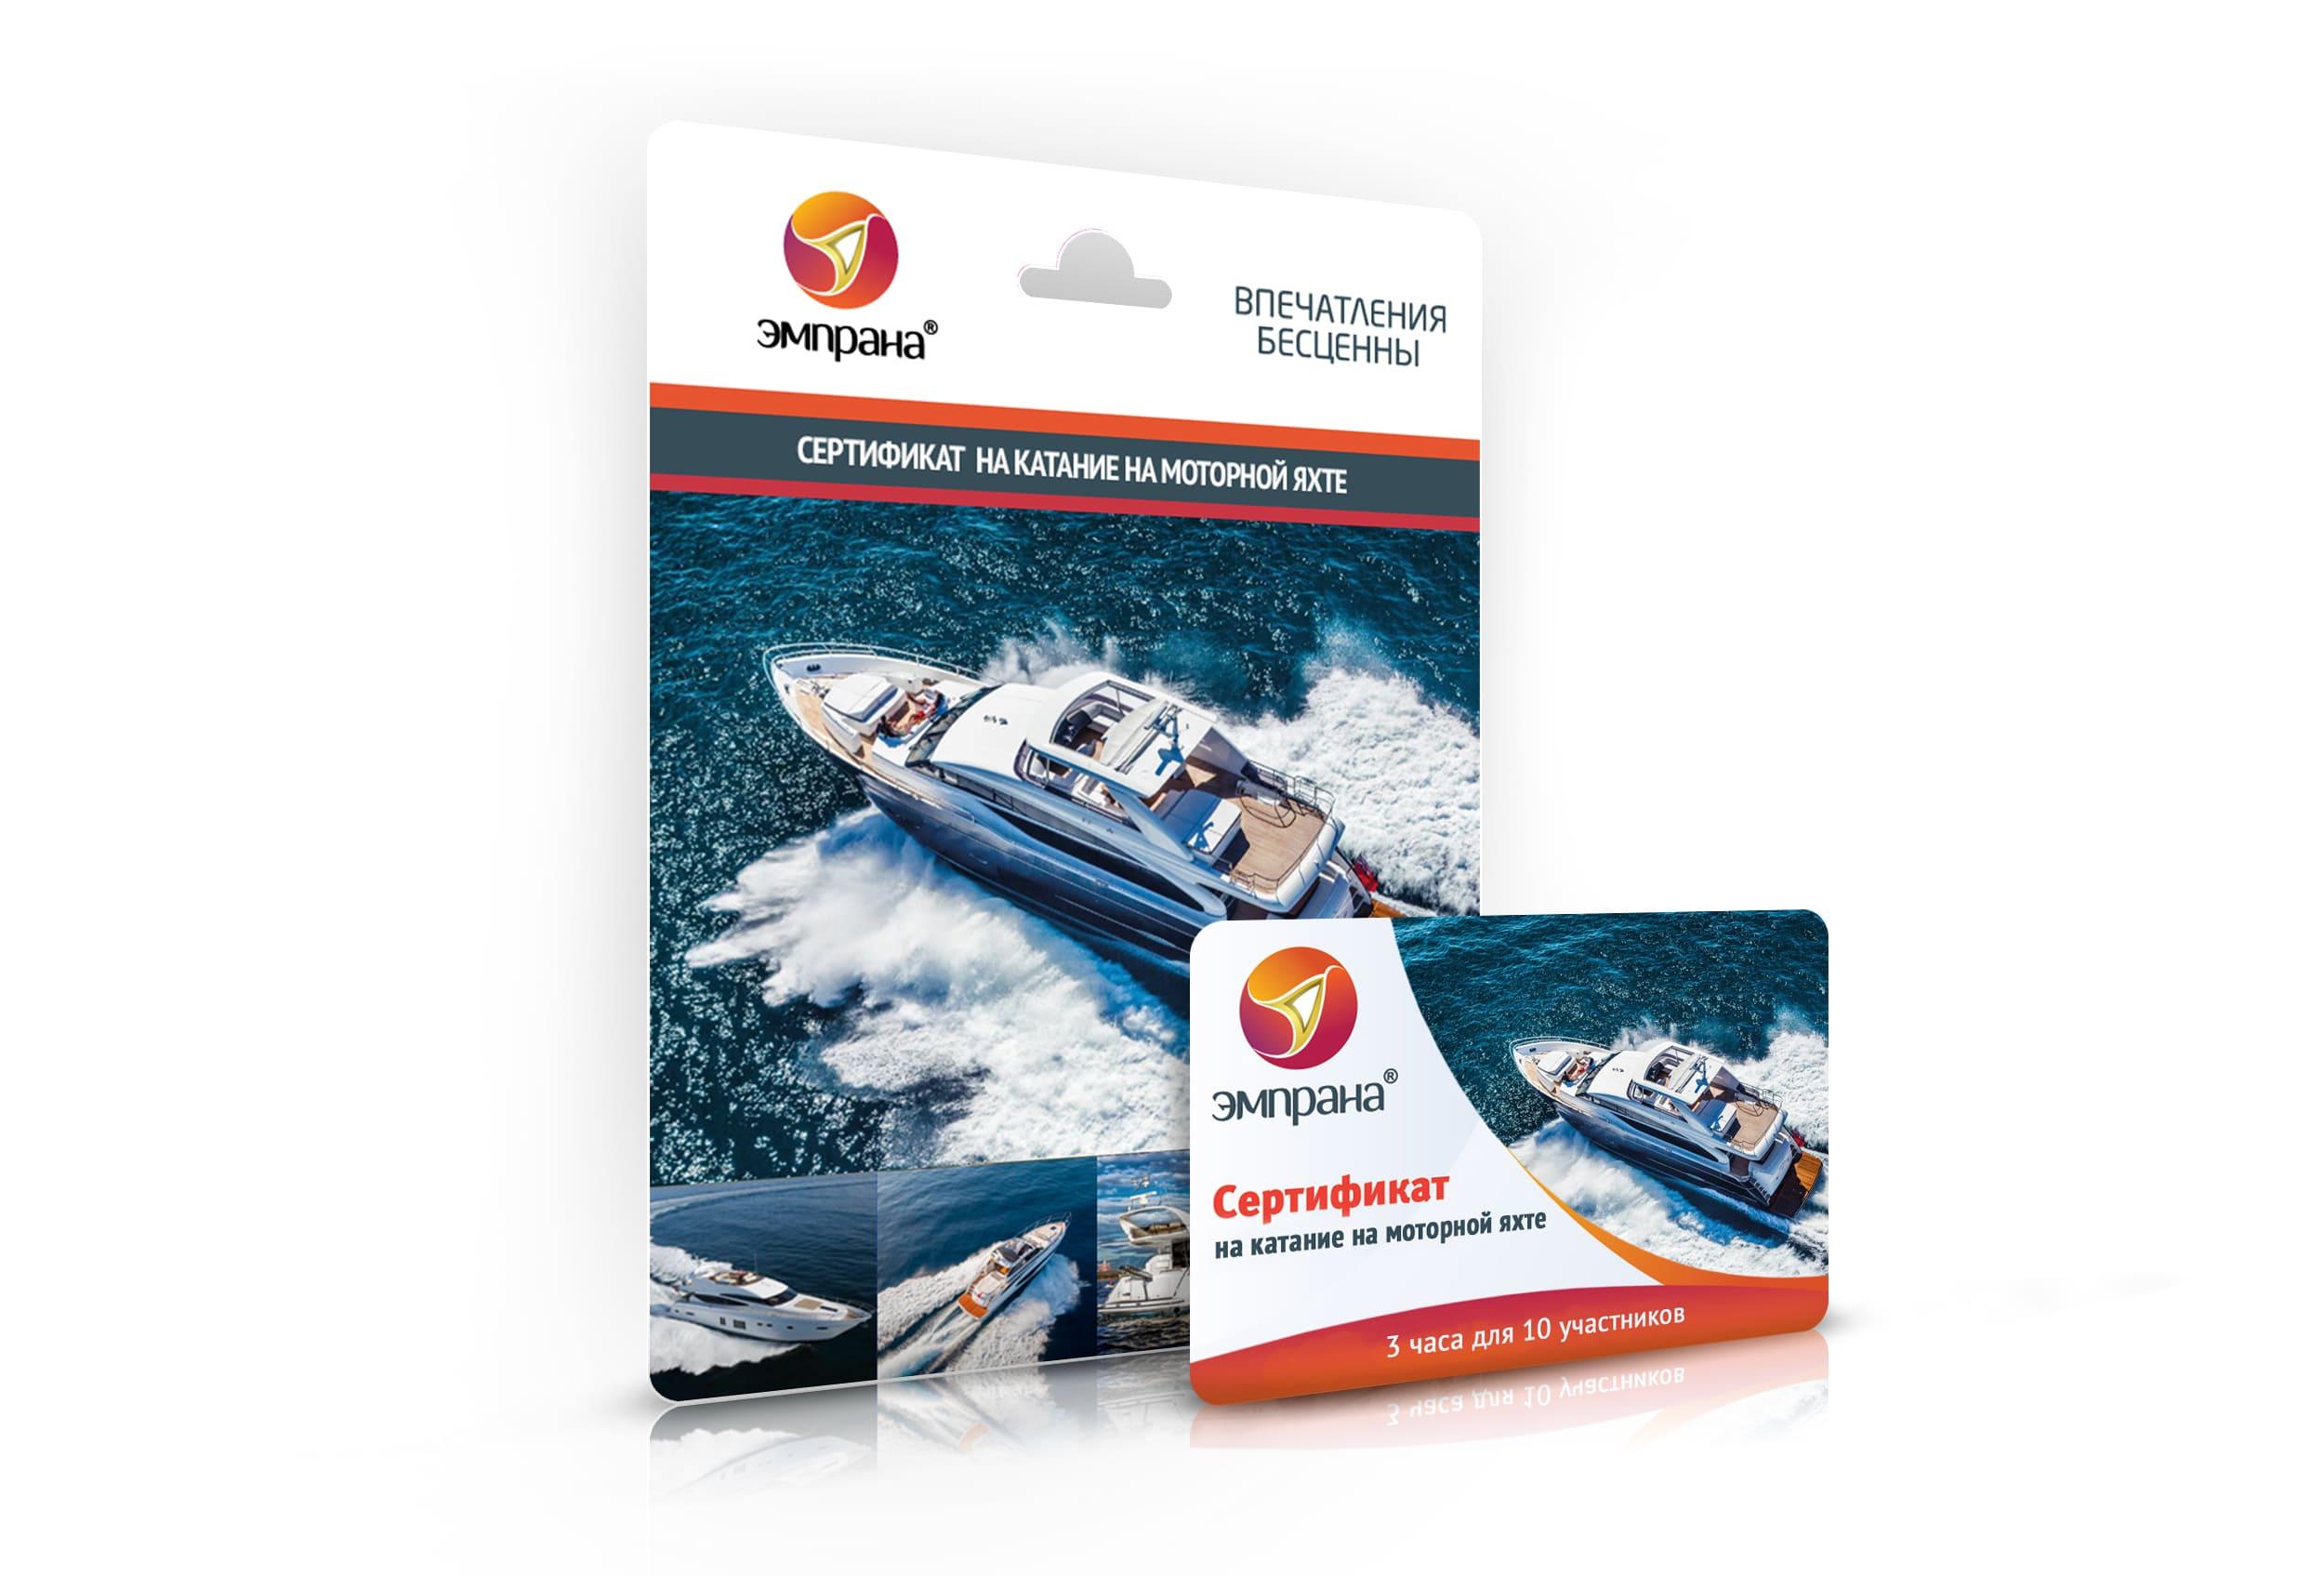 Сертификат на катание на моторной яхте